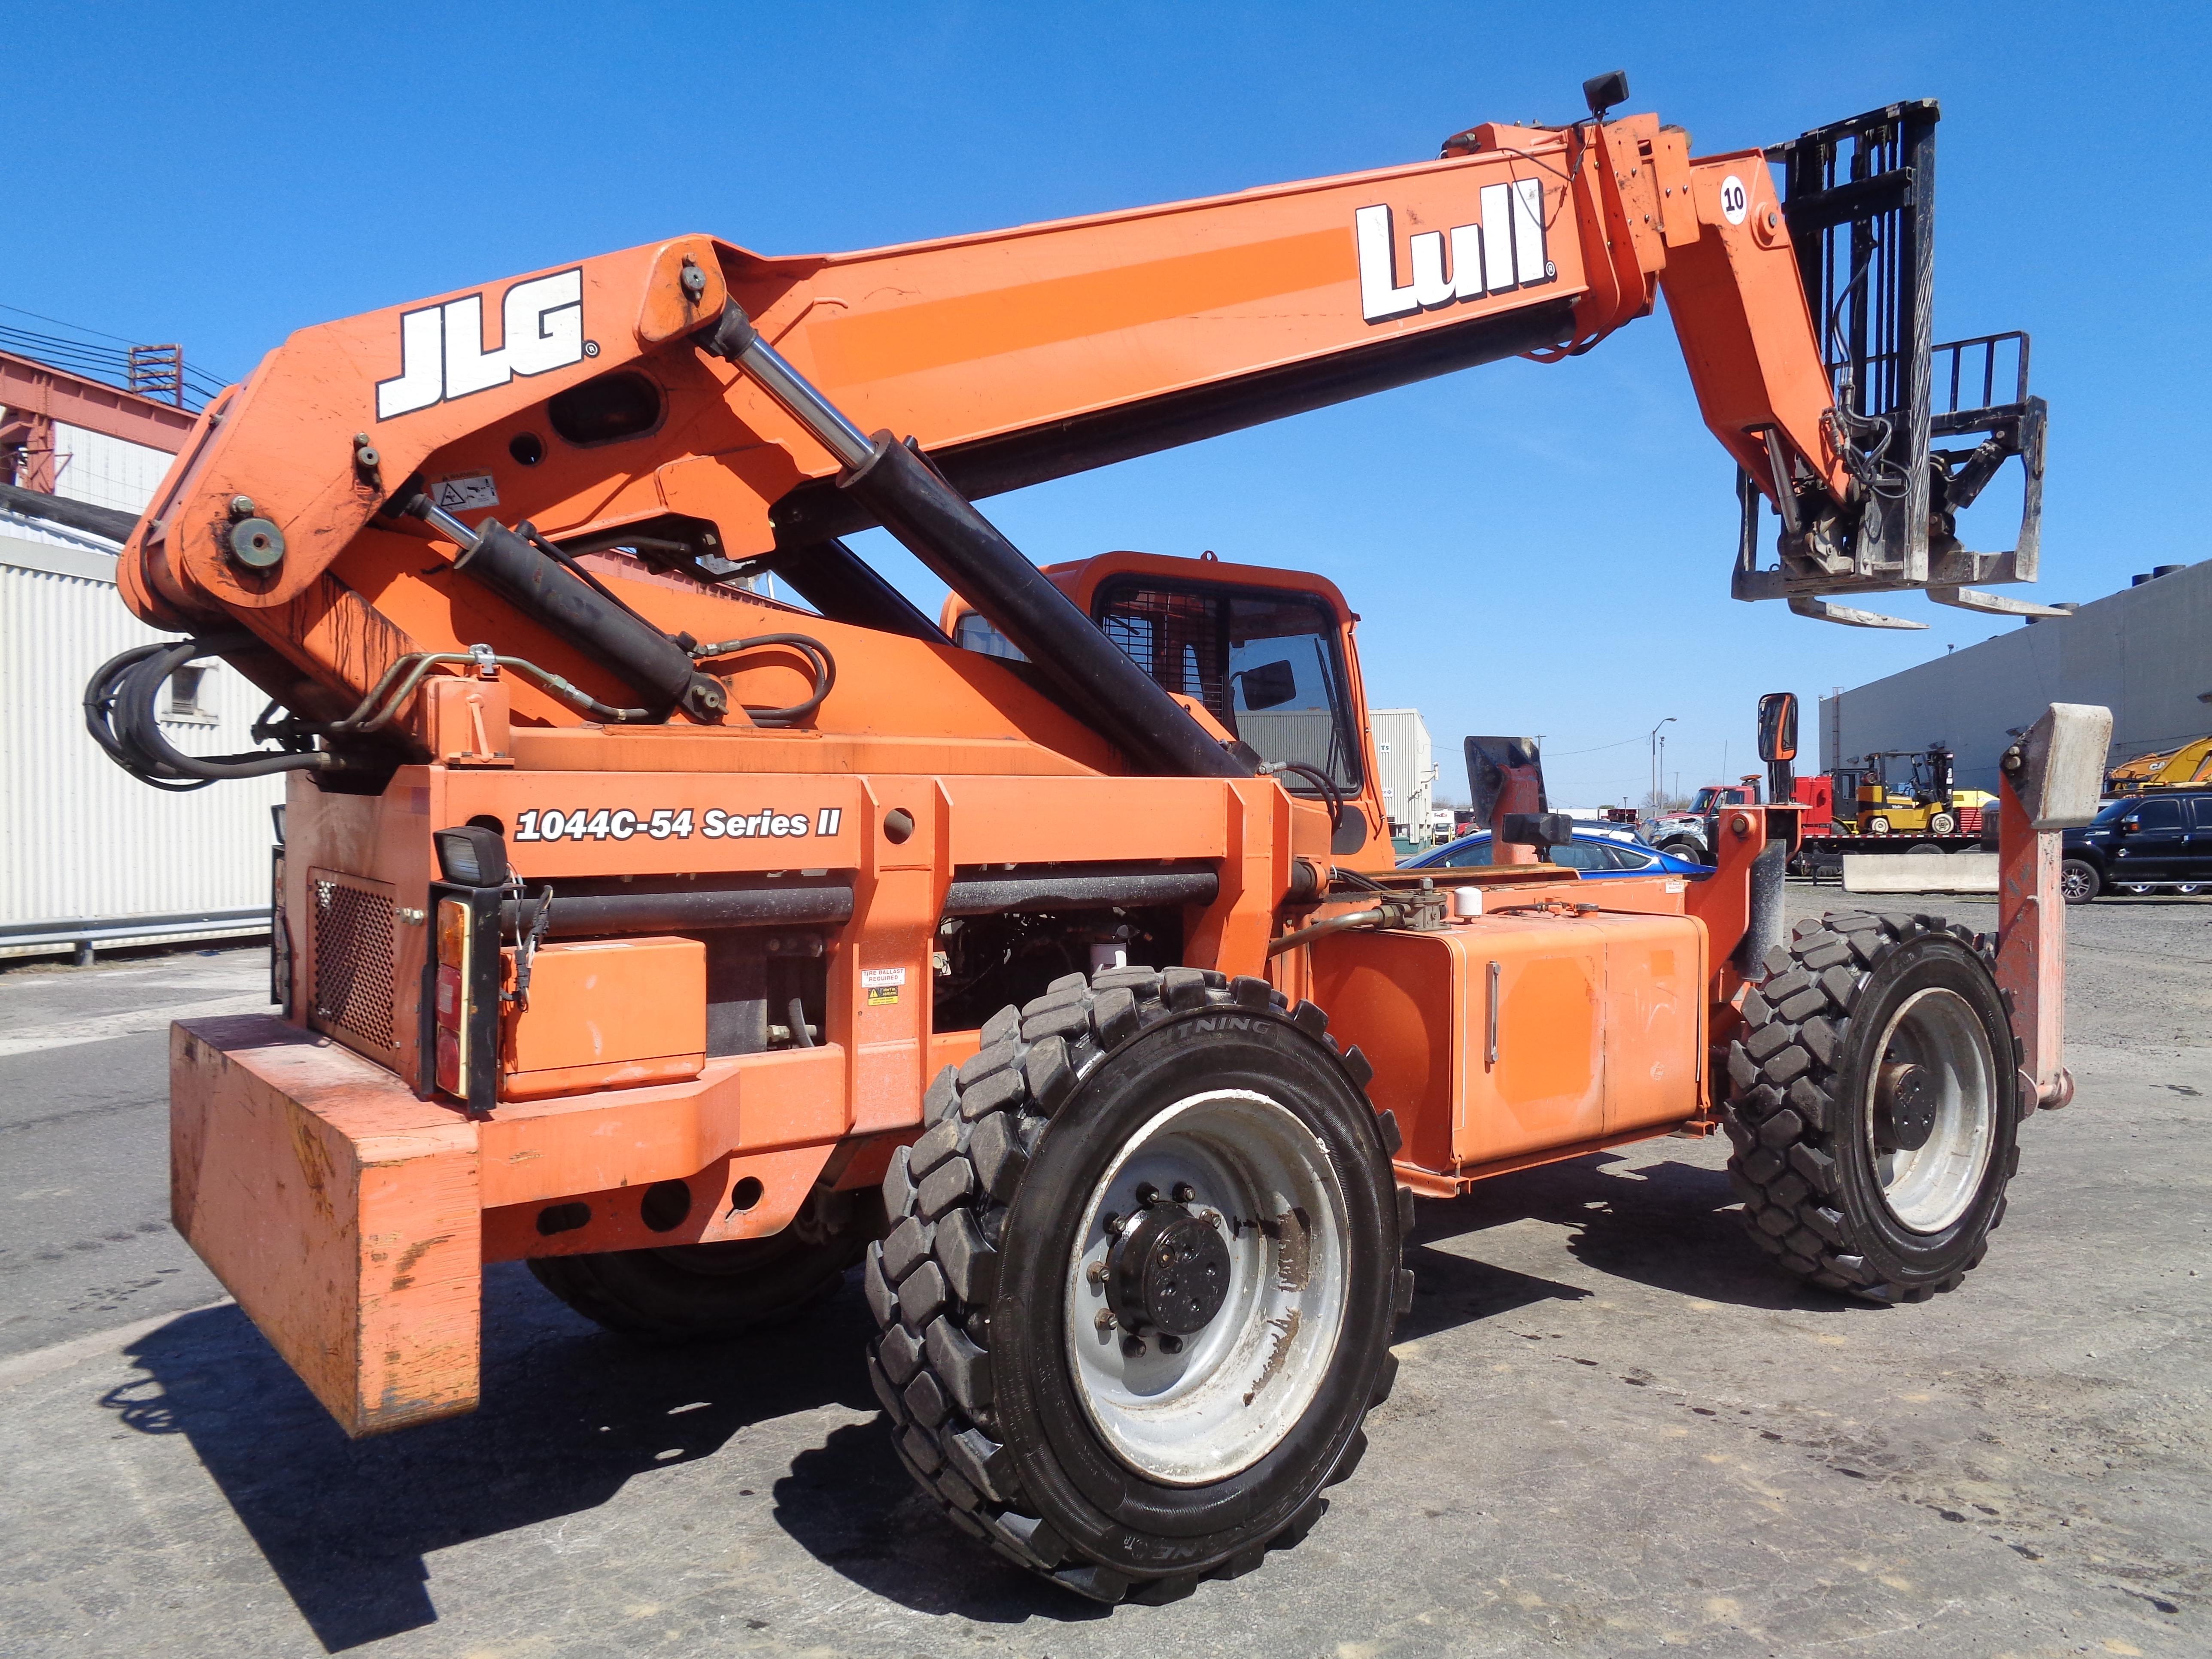 Lot 19 - 2012 Lull 1044C-54 Telehandler